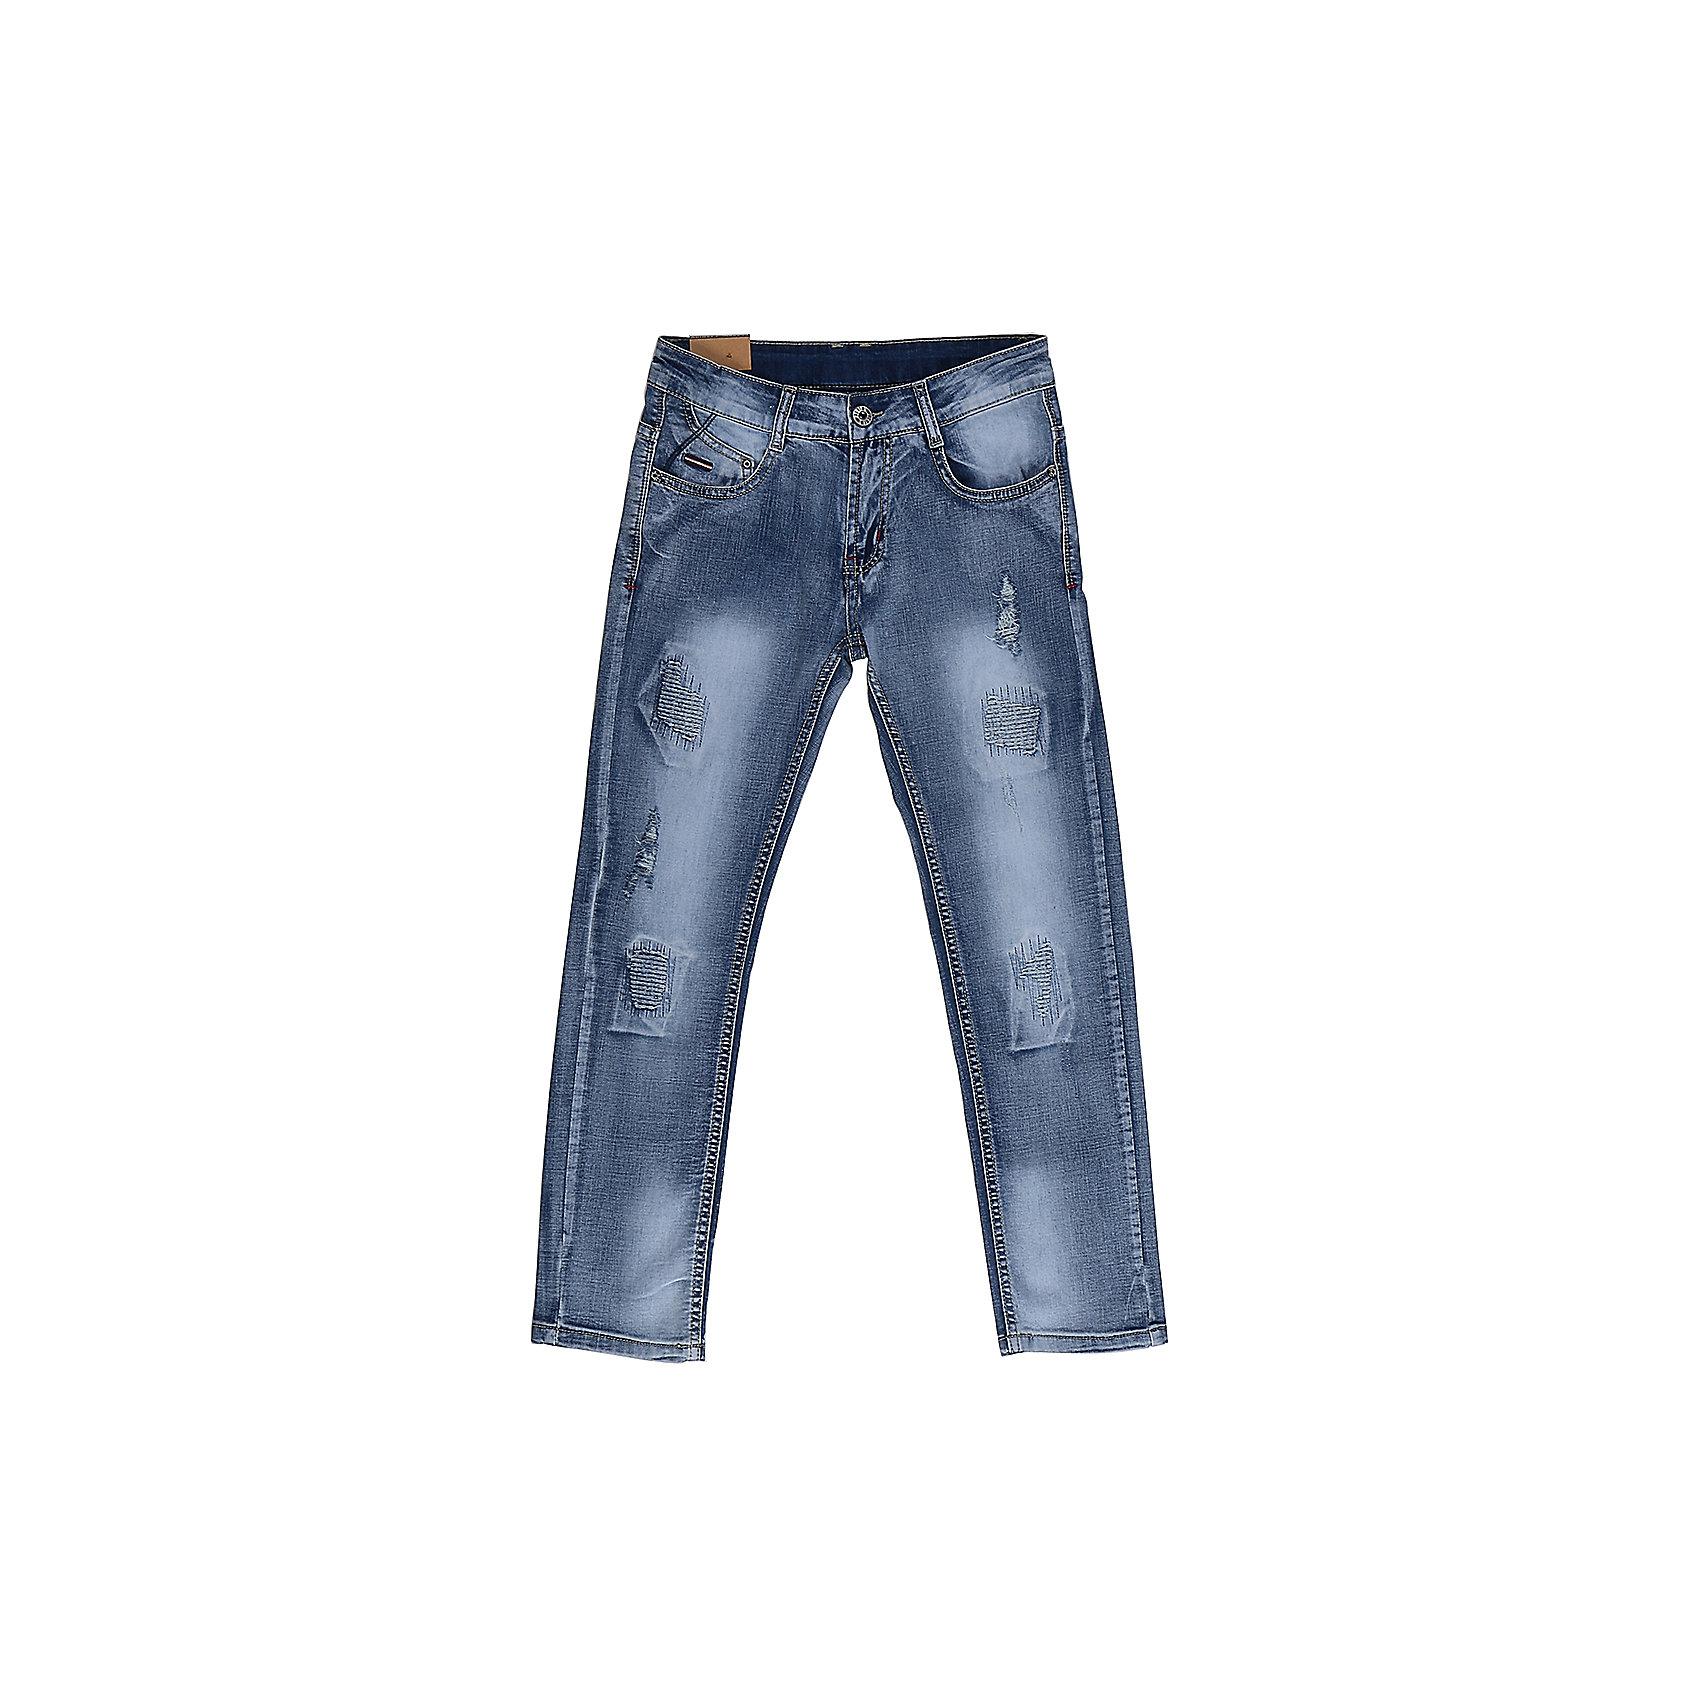 Джинсы для мальчика LuminosoДжинсы<br>Джинсы  для мальчика с оригинальной варкой. Декорированы  потертости и эффектом рваной джинсы. Зауженный крой, средняя посадка. Застегиваются на молнию и пуговицу. Шлевки на поясе рассчитаны под ремень. В боковой части пояса находятся вшитые эластичные ленты, регулирующие посадку по талии.<br>Состав:<br>98%хлопок 2%эластан<br><br>Ширина мм: 215<br>Глубина мм: 88<br>Высота мм: 191<br>Вес г: 336<br>Цвет: синий<br>Возраст от месяцев: 120<br>Возраст до месяцев: 132<br>Пол: Мужской<br>Возраст: Детский<br>Размер: 146,152,158,164,134,140<br>SKU: 5409723